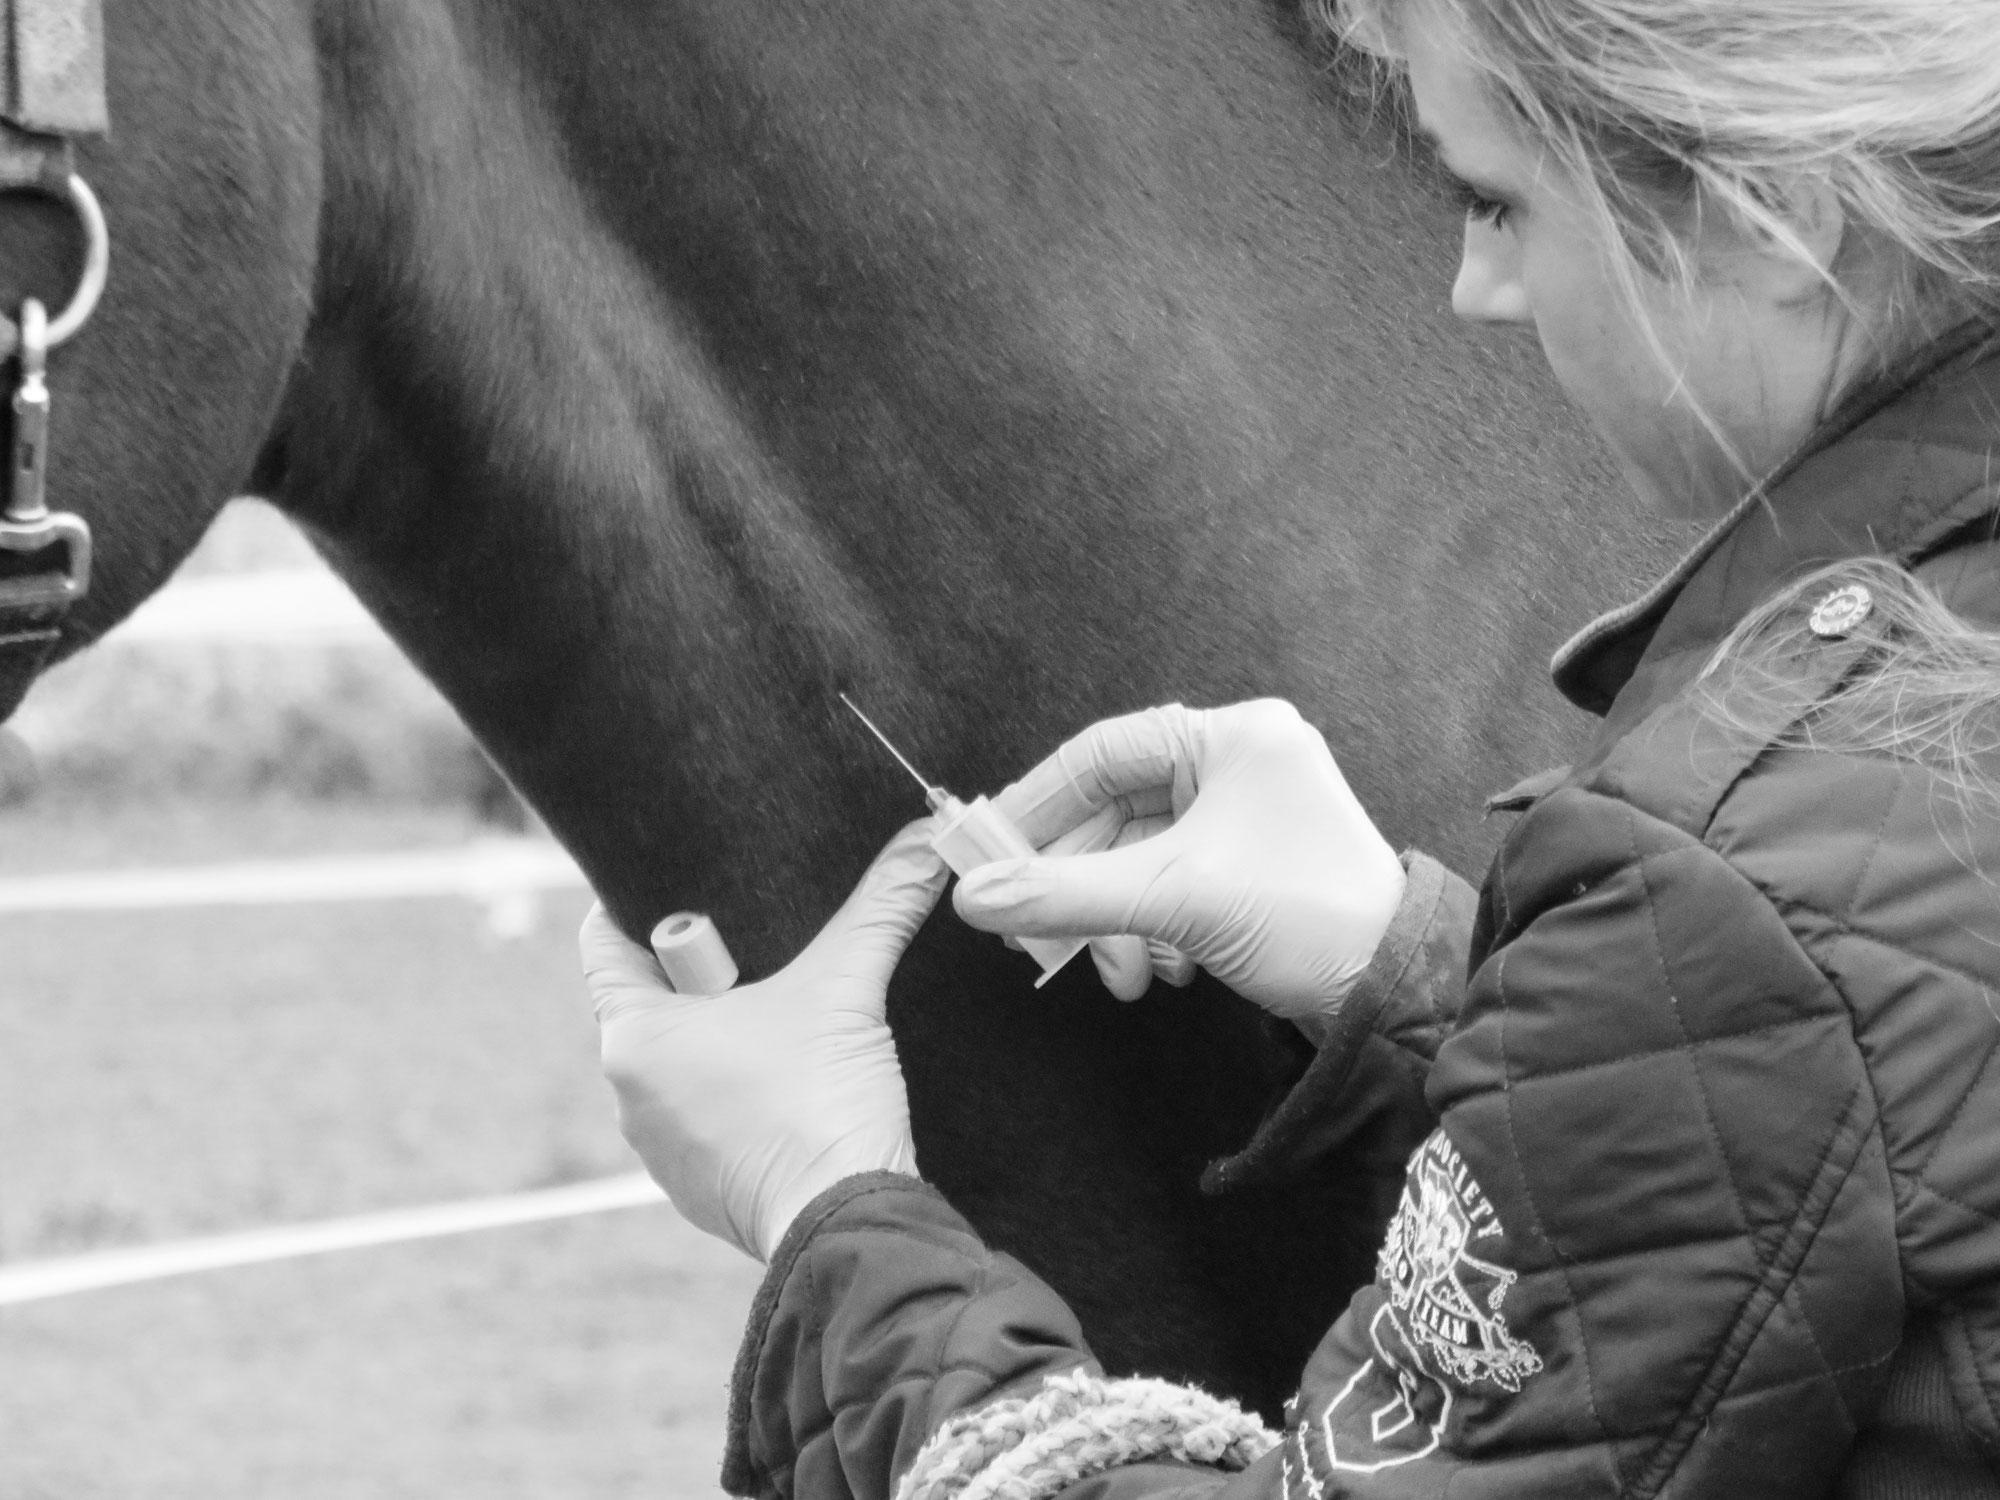 #14 - Wissenswertes über Pferdeblut